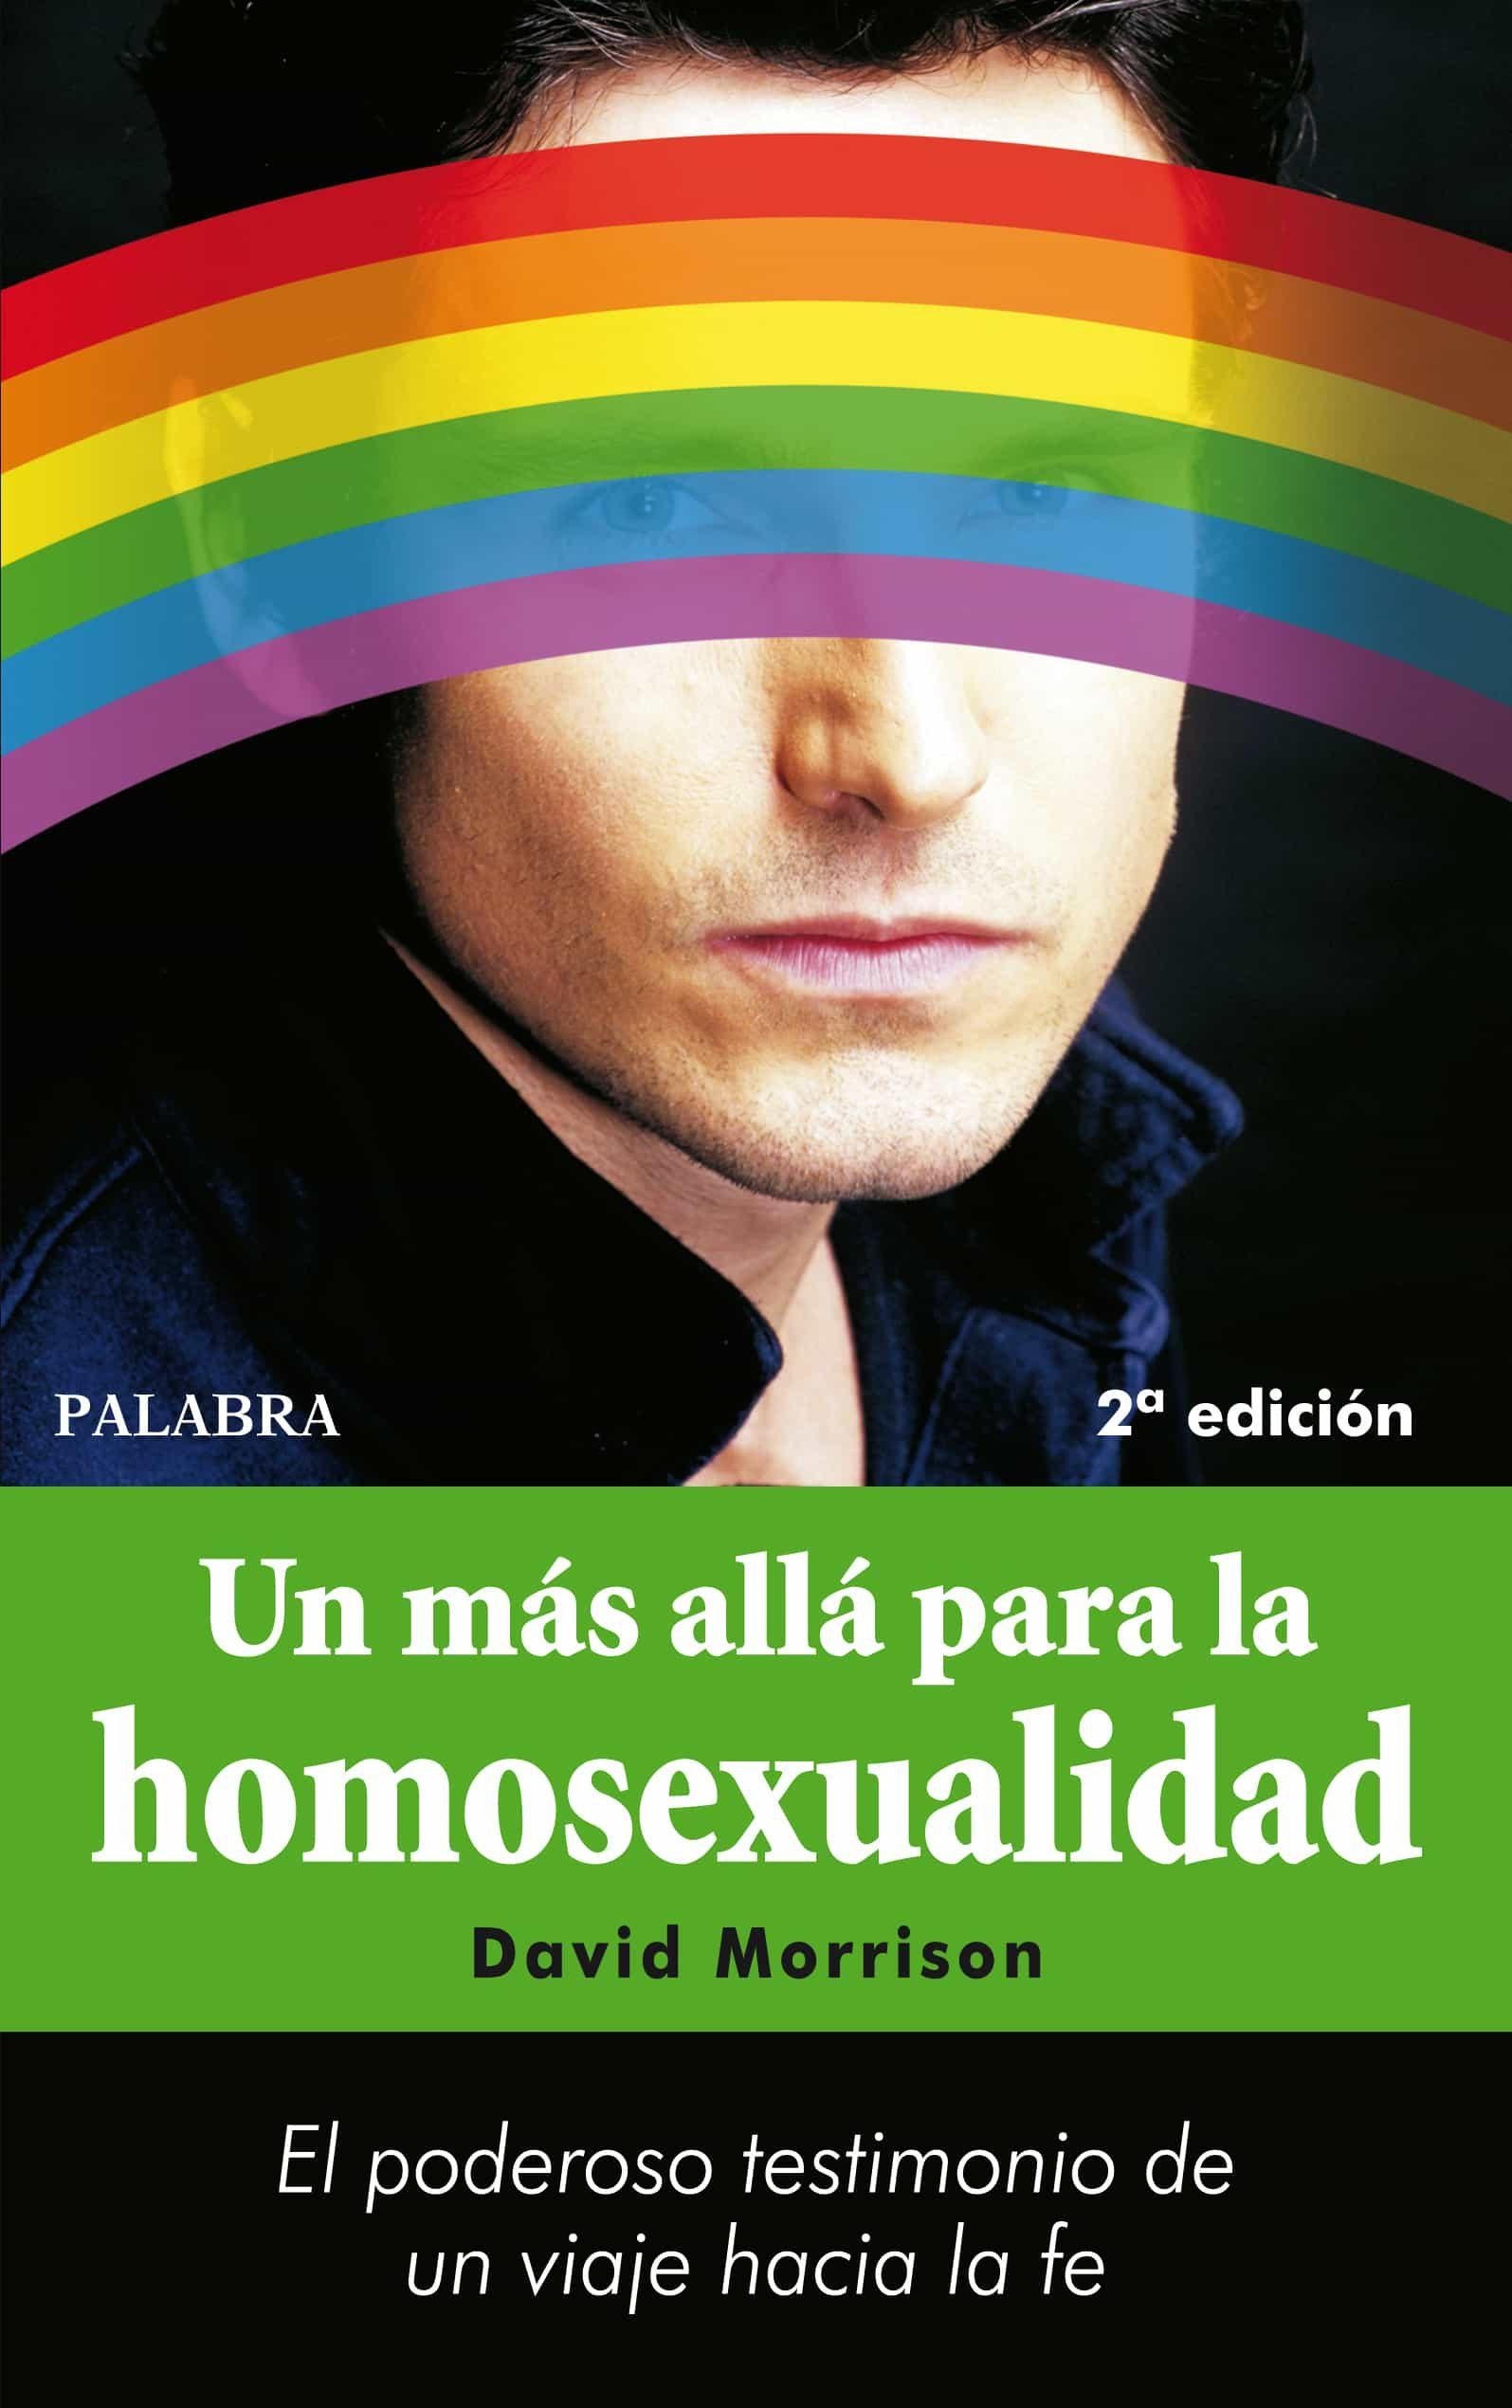 Un Mas Alla Para La Homosexualidad: El Poderoso Testimonio De Un Viaje Hacia La Fe por David Morrison